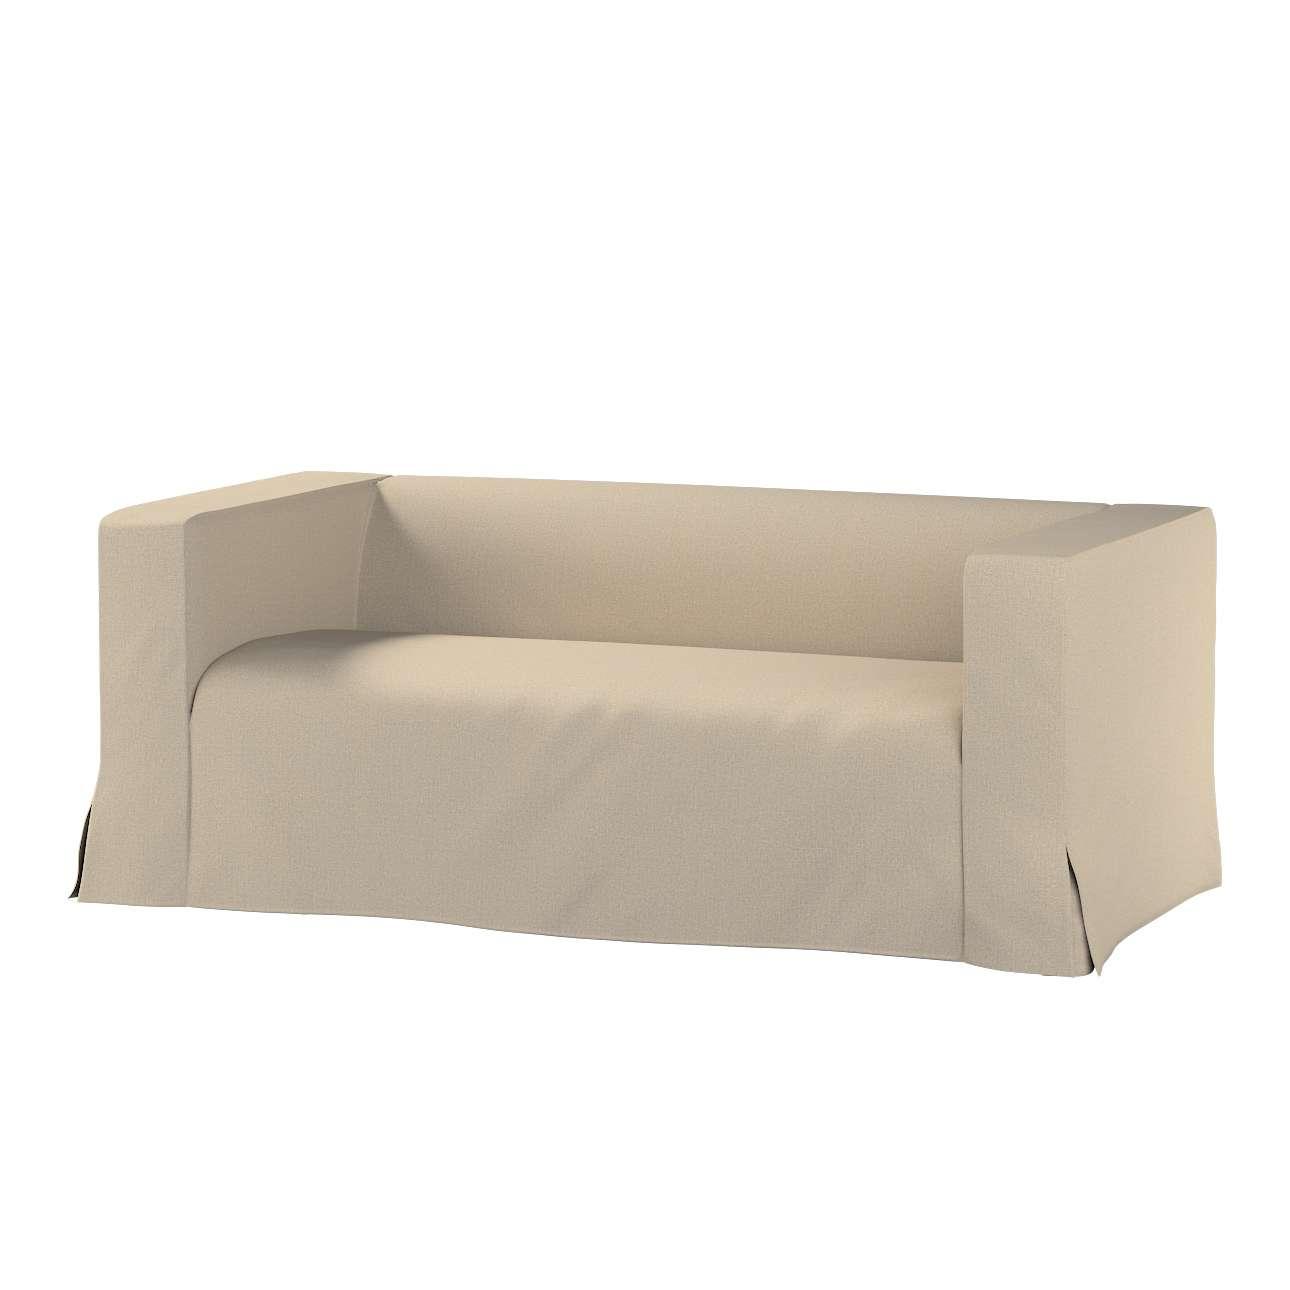 Pokrowiec na sofę Klippan 2-osobową długi z kontrafałdami Klippan 2-os w kolekcji Edinburgh, tkanina: 115-78